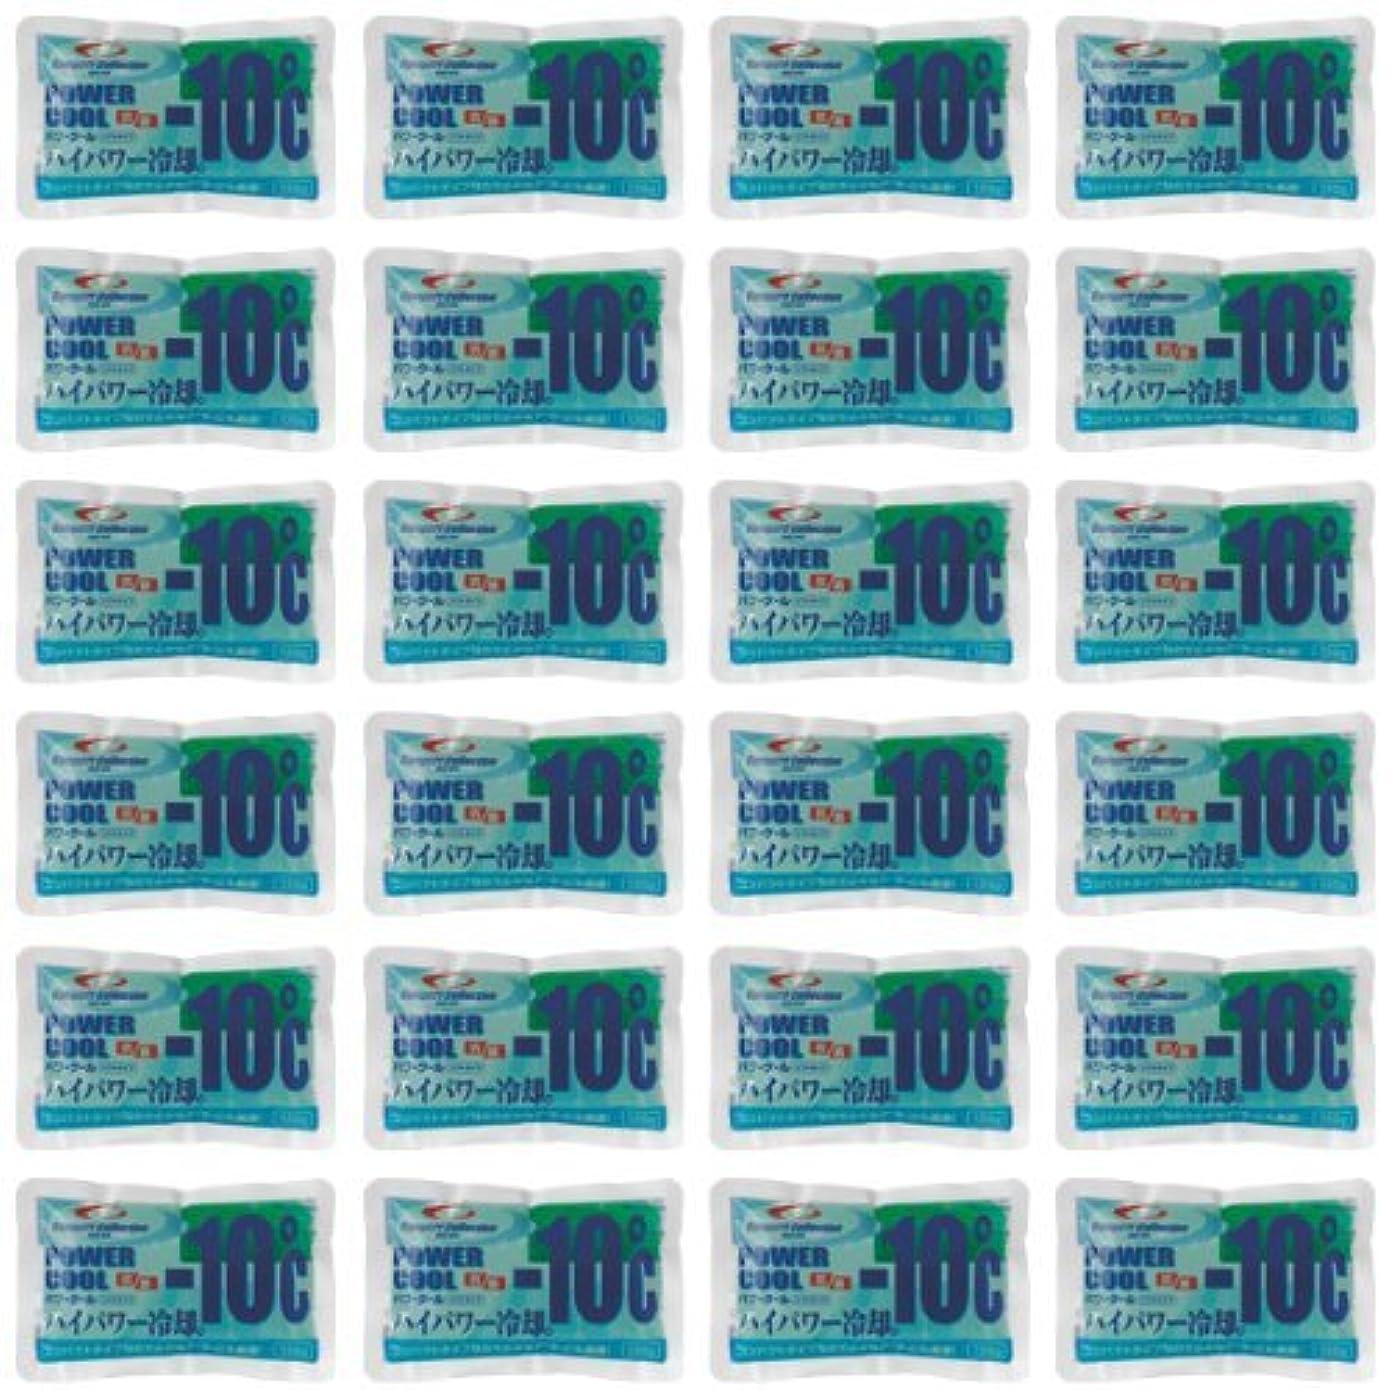 コピー明らかスパン山善(YAMAZEN) キャンパーズコレクション 保冷剤パワークール-10度(24個セット) 150g*24